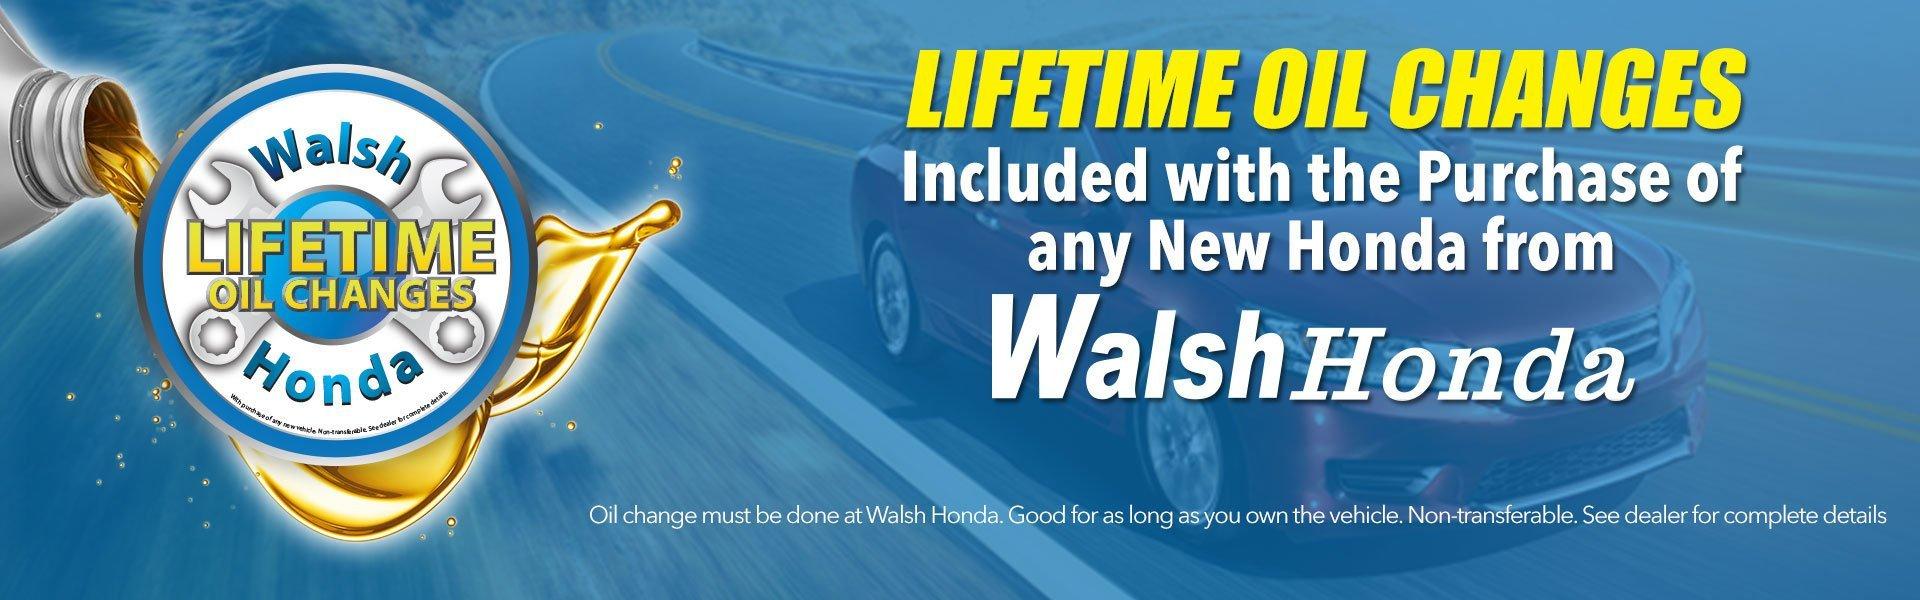 Walsh Honda Oil Change Banner